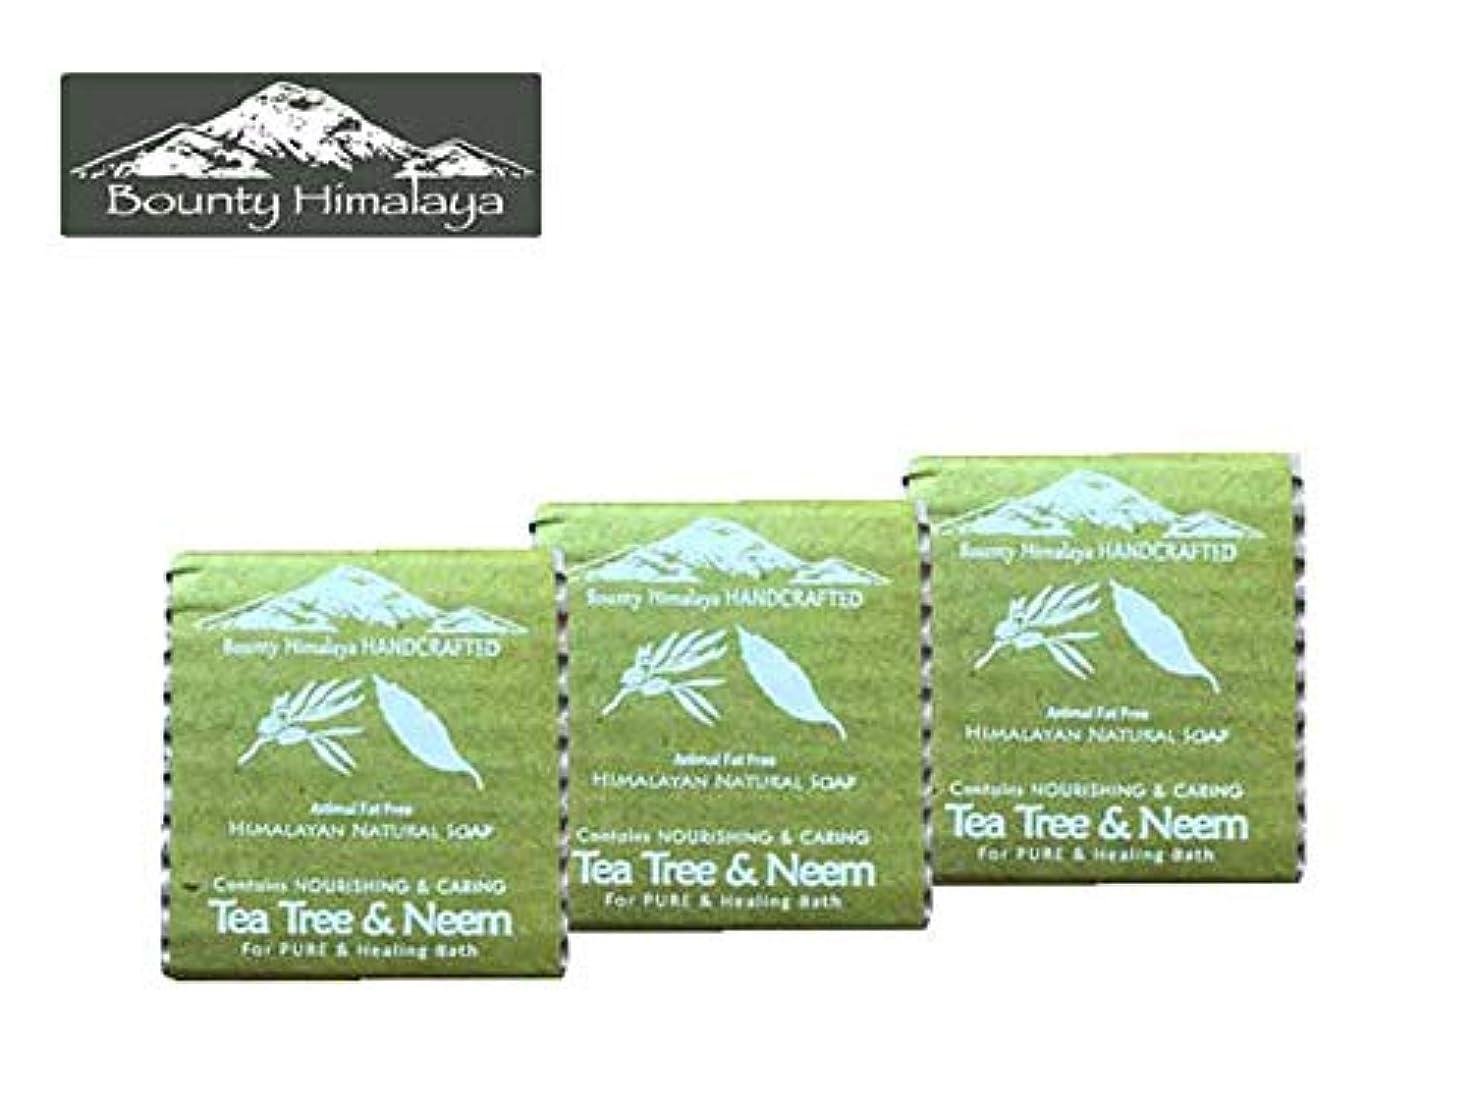 彫刻家社会主義アンドリューハリディアーユルヴェーダ ヒマラヤ ティーツリー?ニーム ソープ3セット Bounty Himalaya Tea Tree & Neem SOAP(NEPAL AYURVEDA) 100g